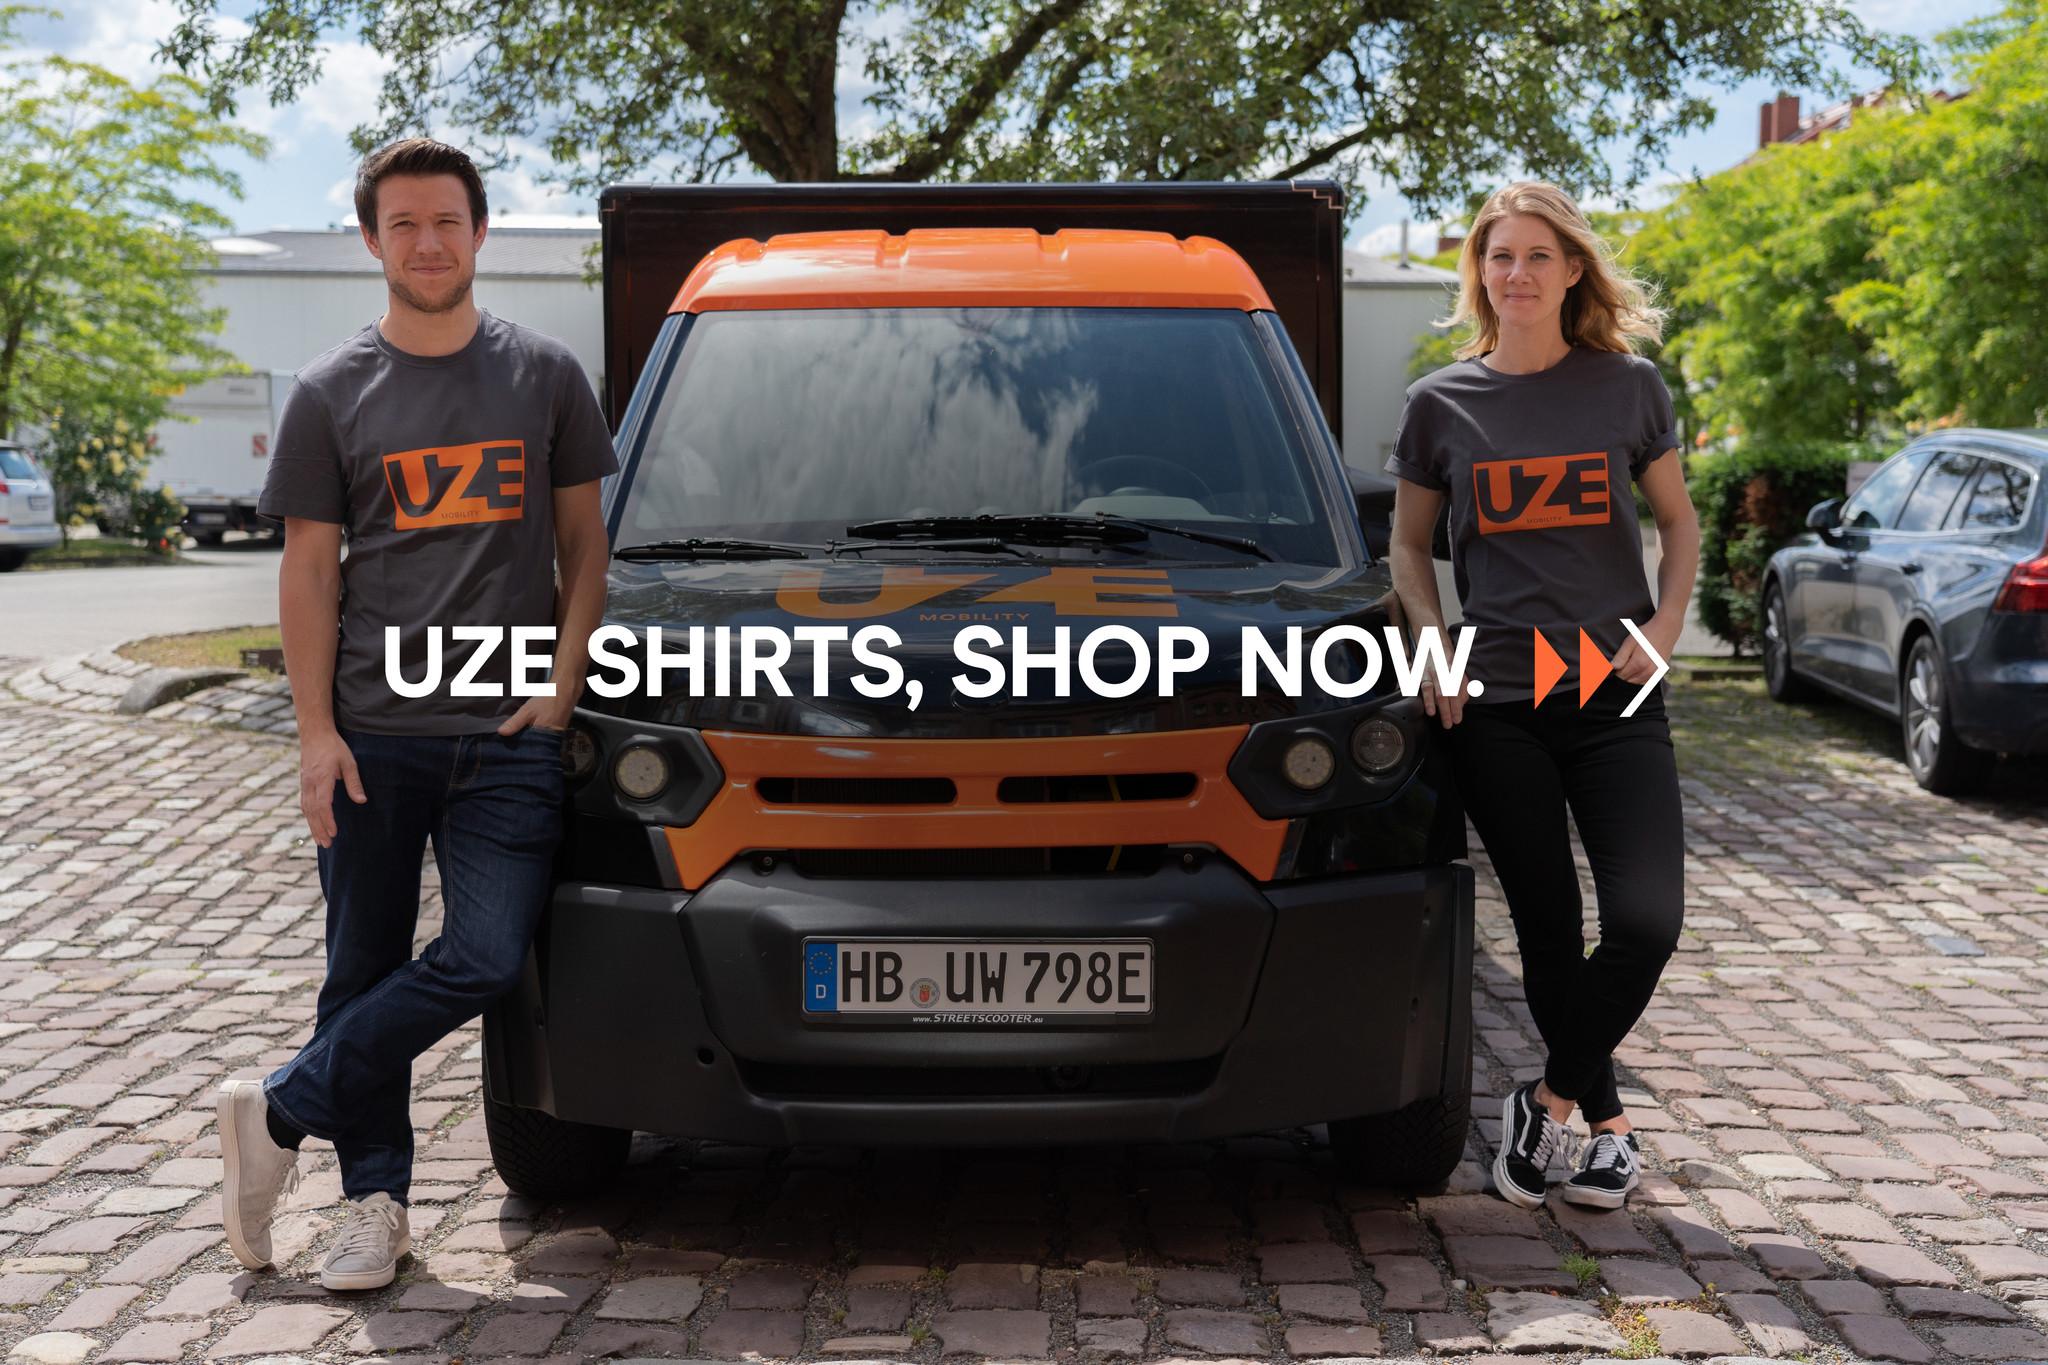 UZE T-Shirts